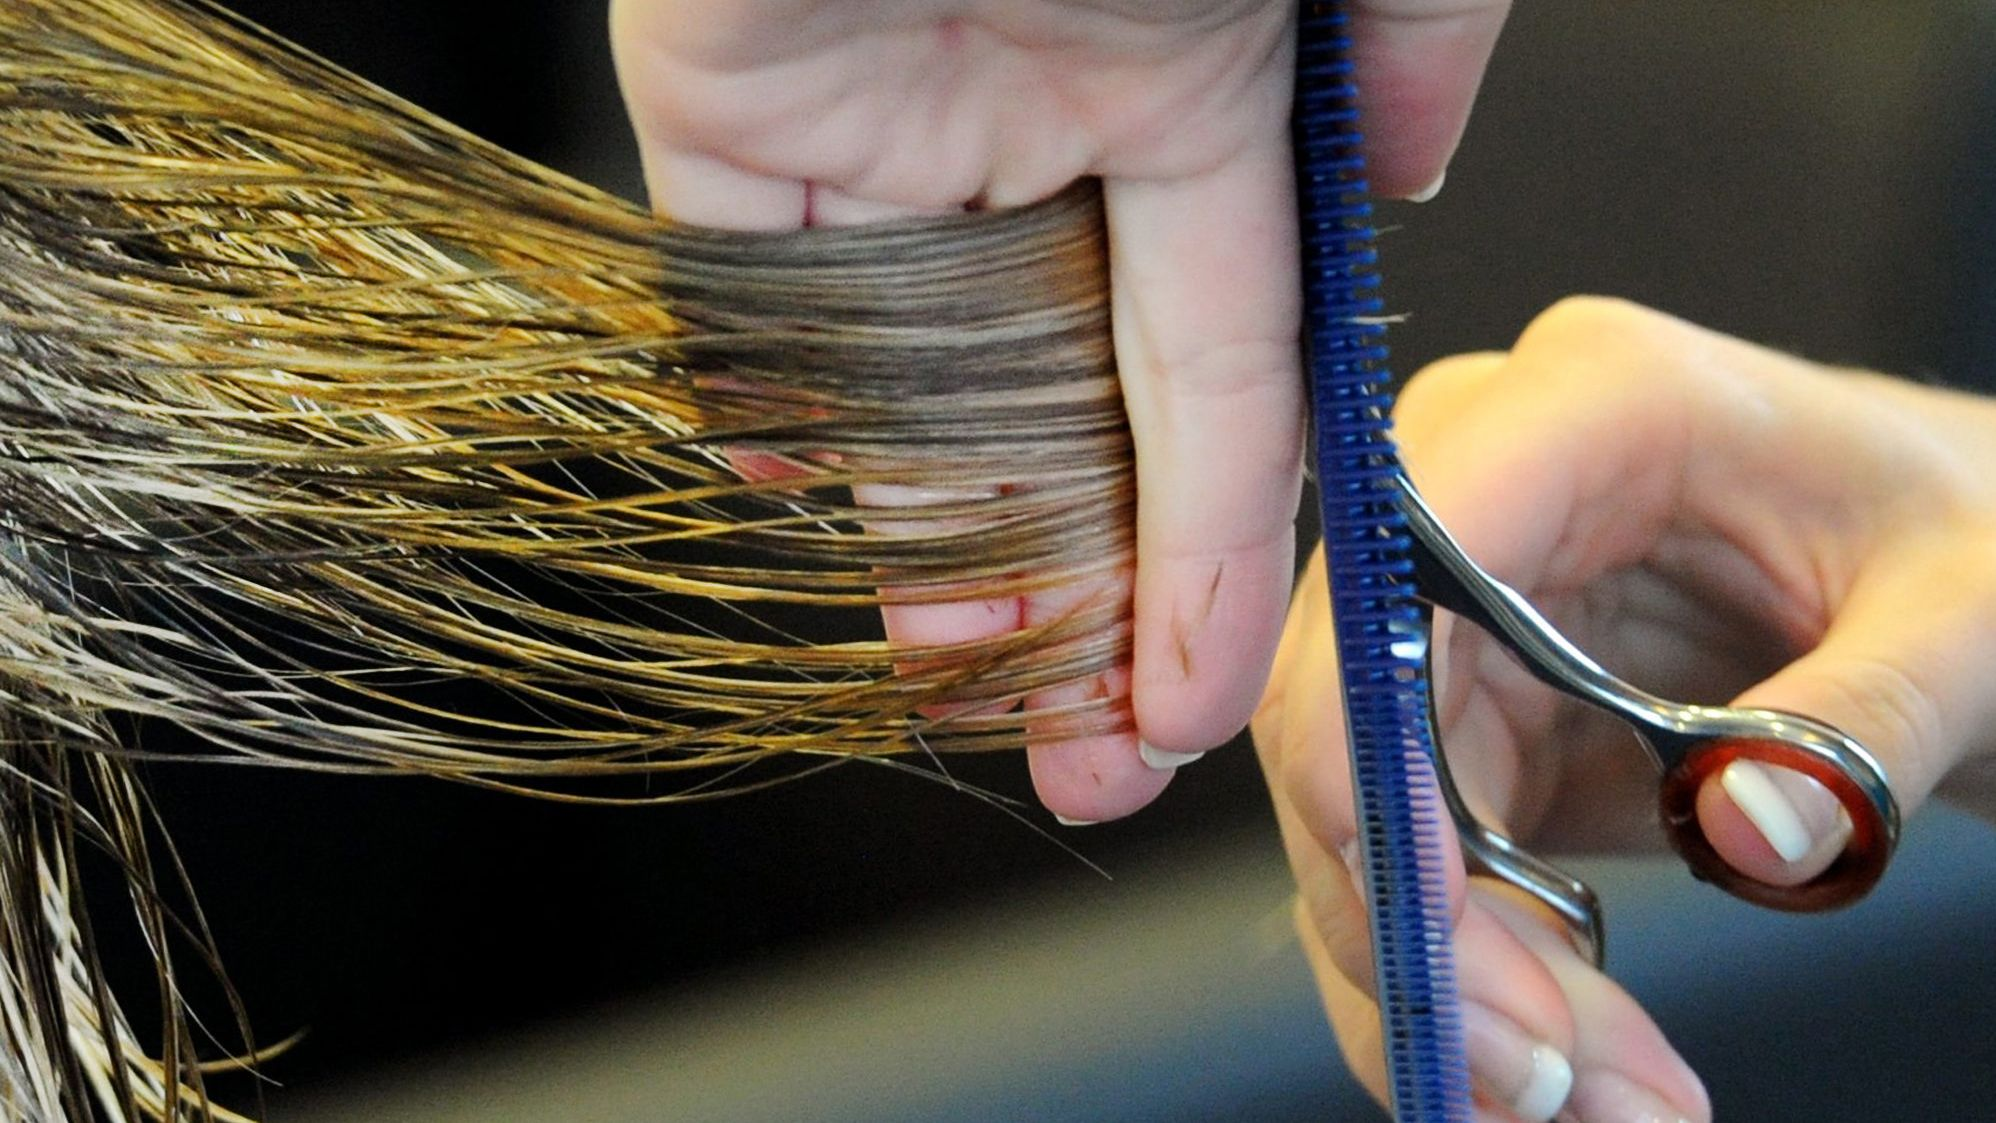 Friseurin schneidet einer Kundin die Haare